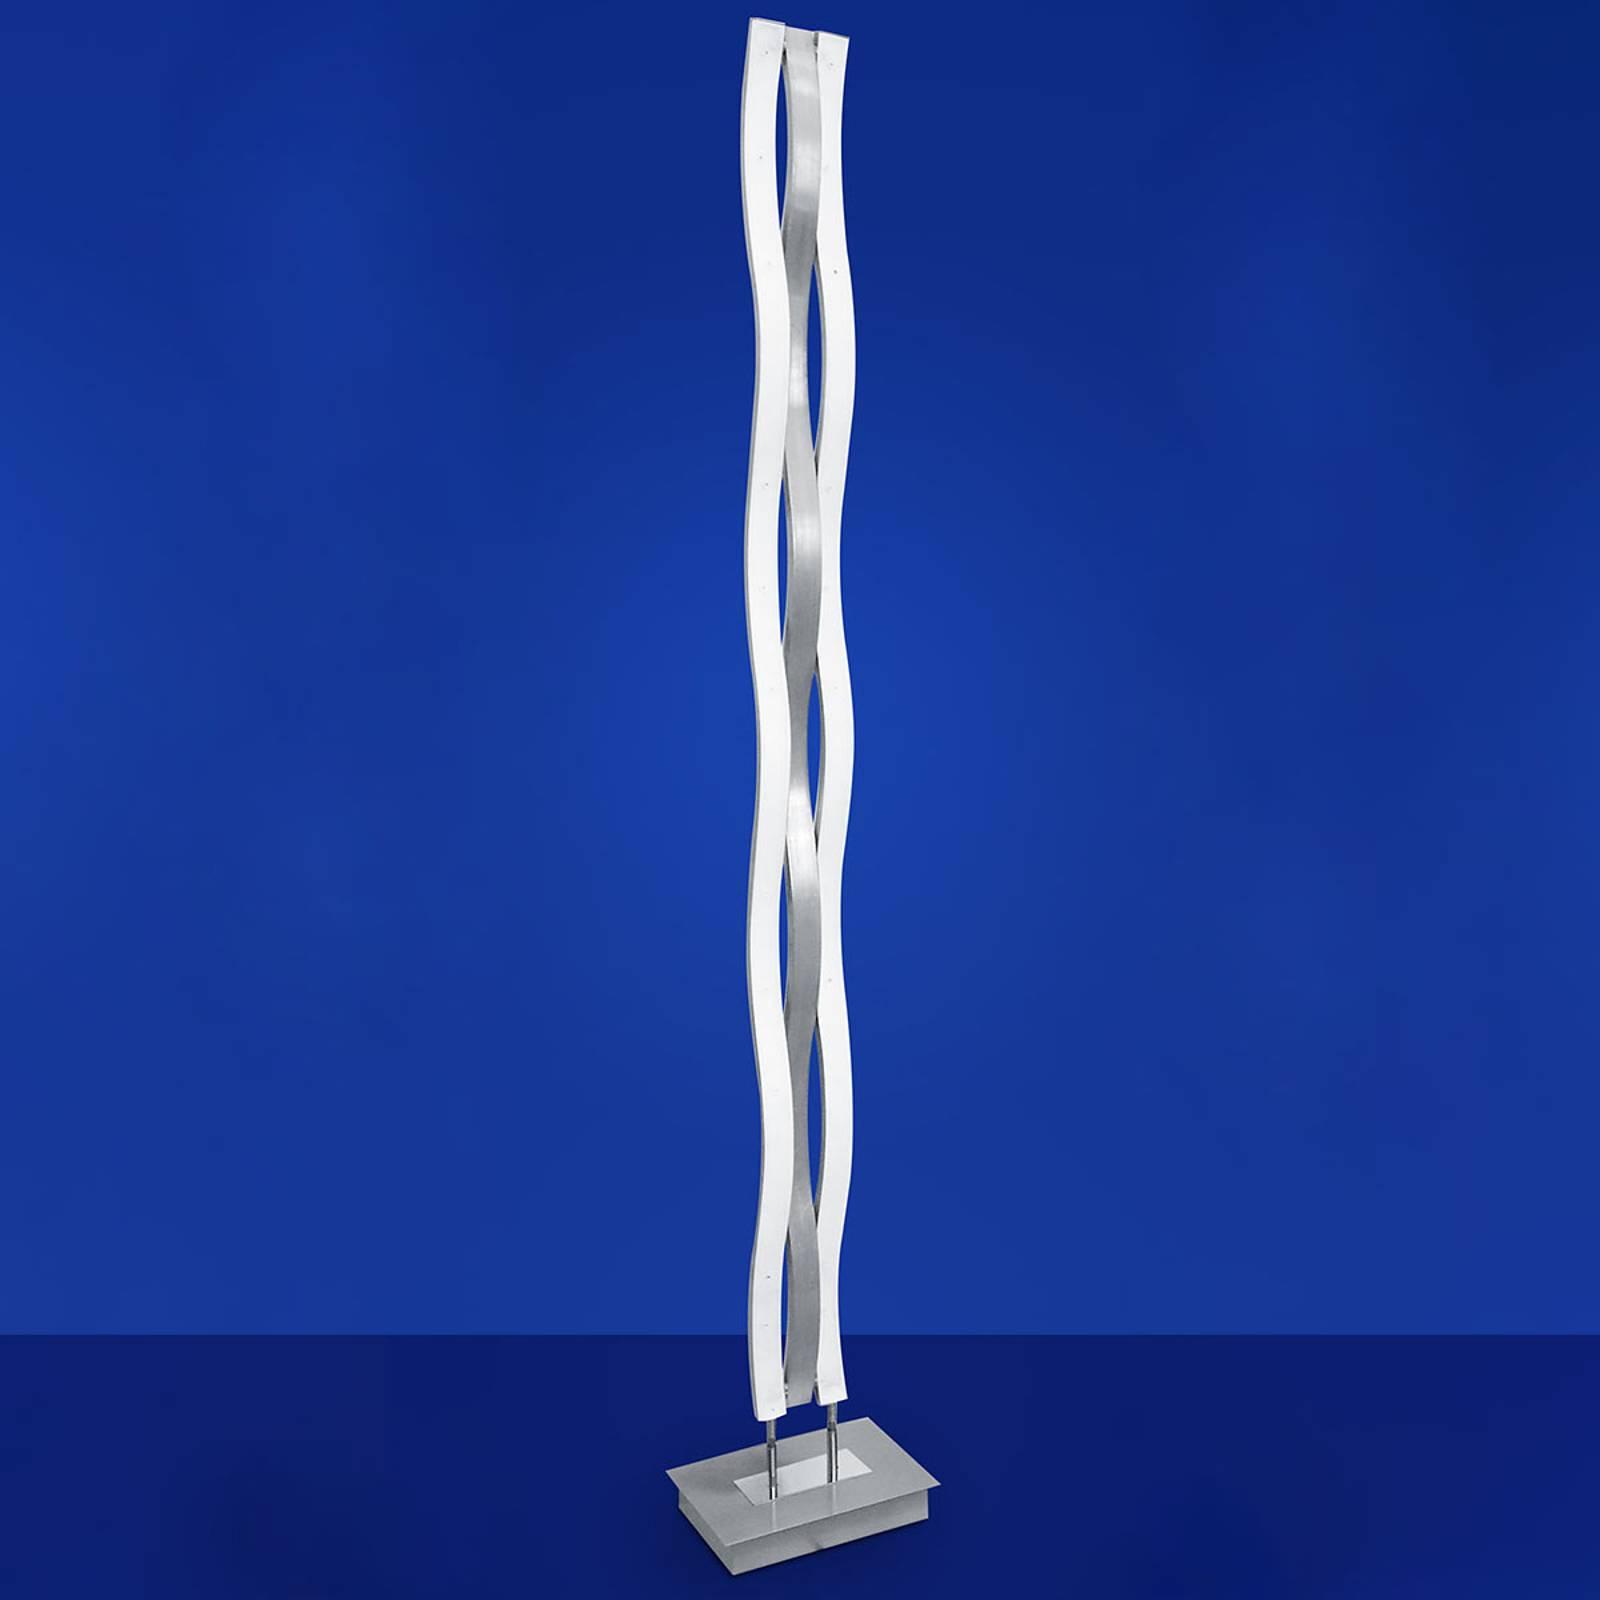 Aaltomainen LED-lattiavalaisin Helios II